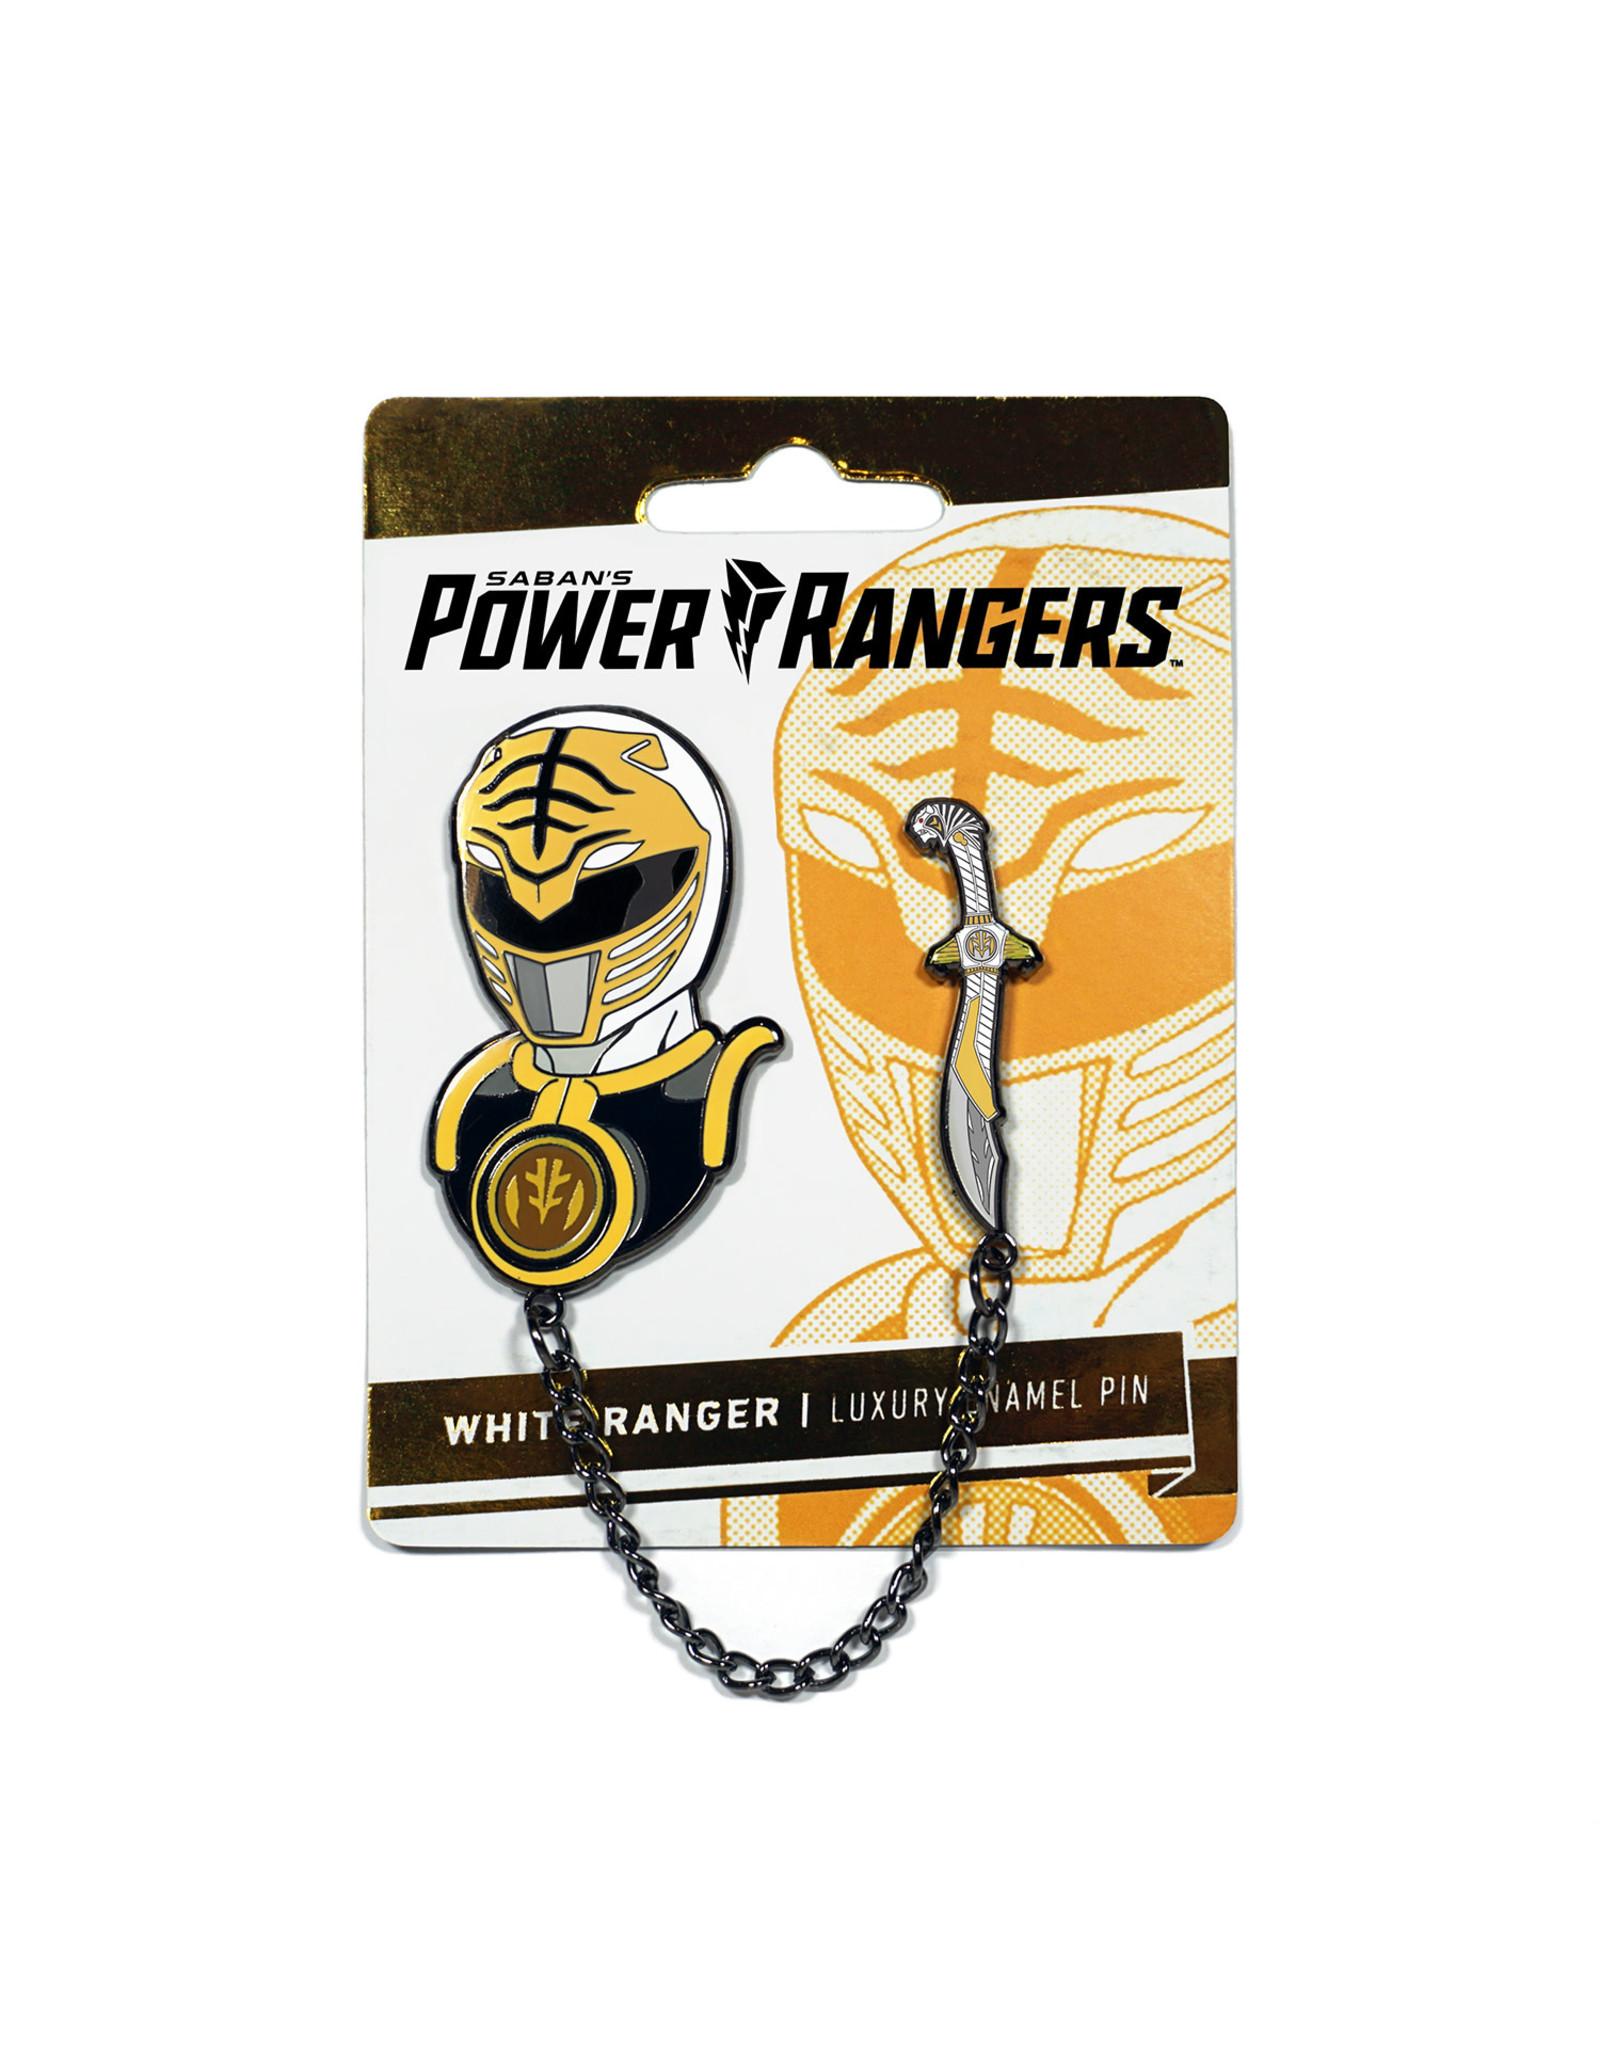 POWER RANGERS WHITE RANGER ENAMEL PIN